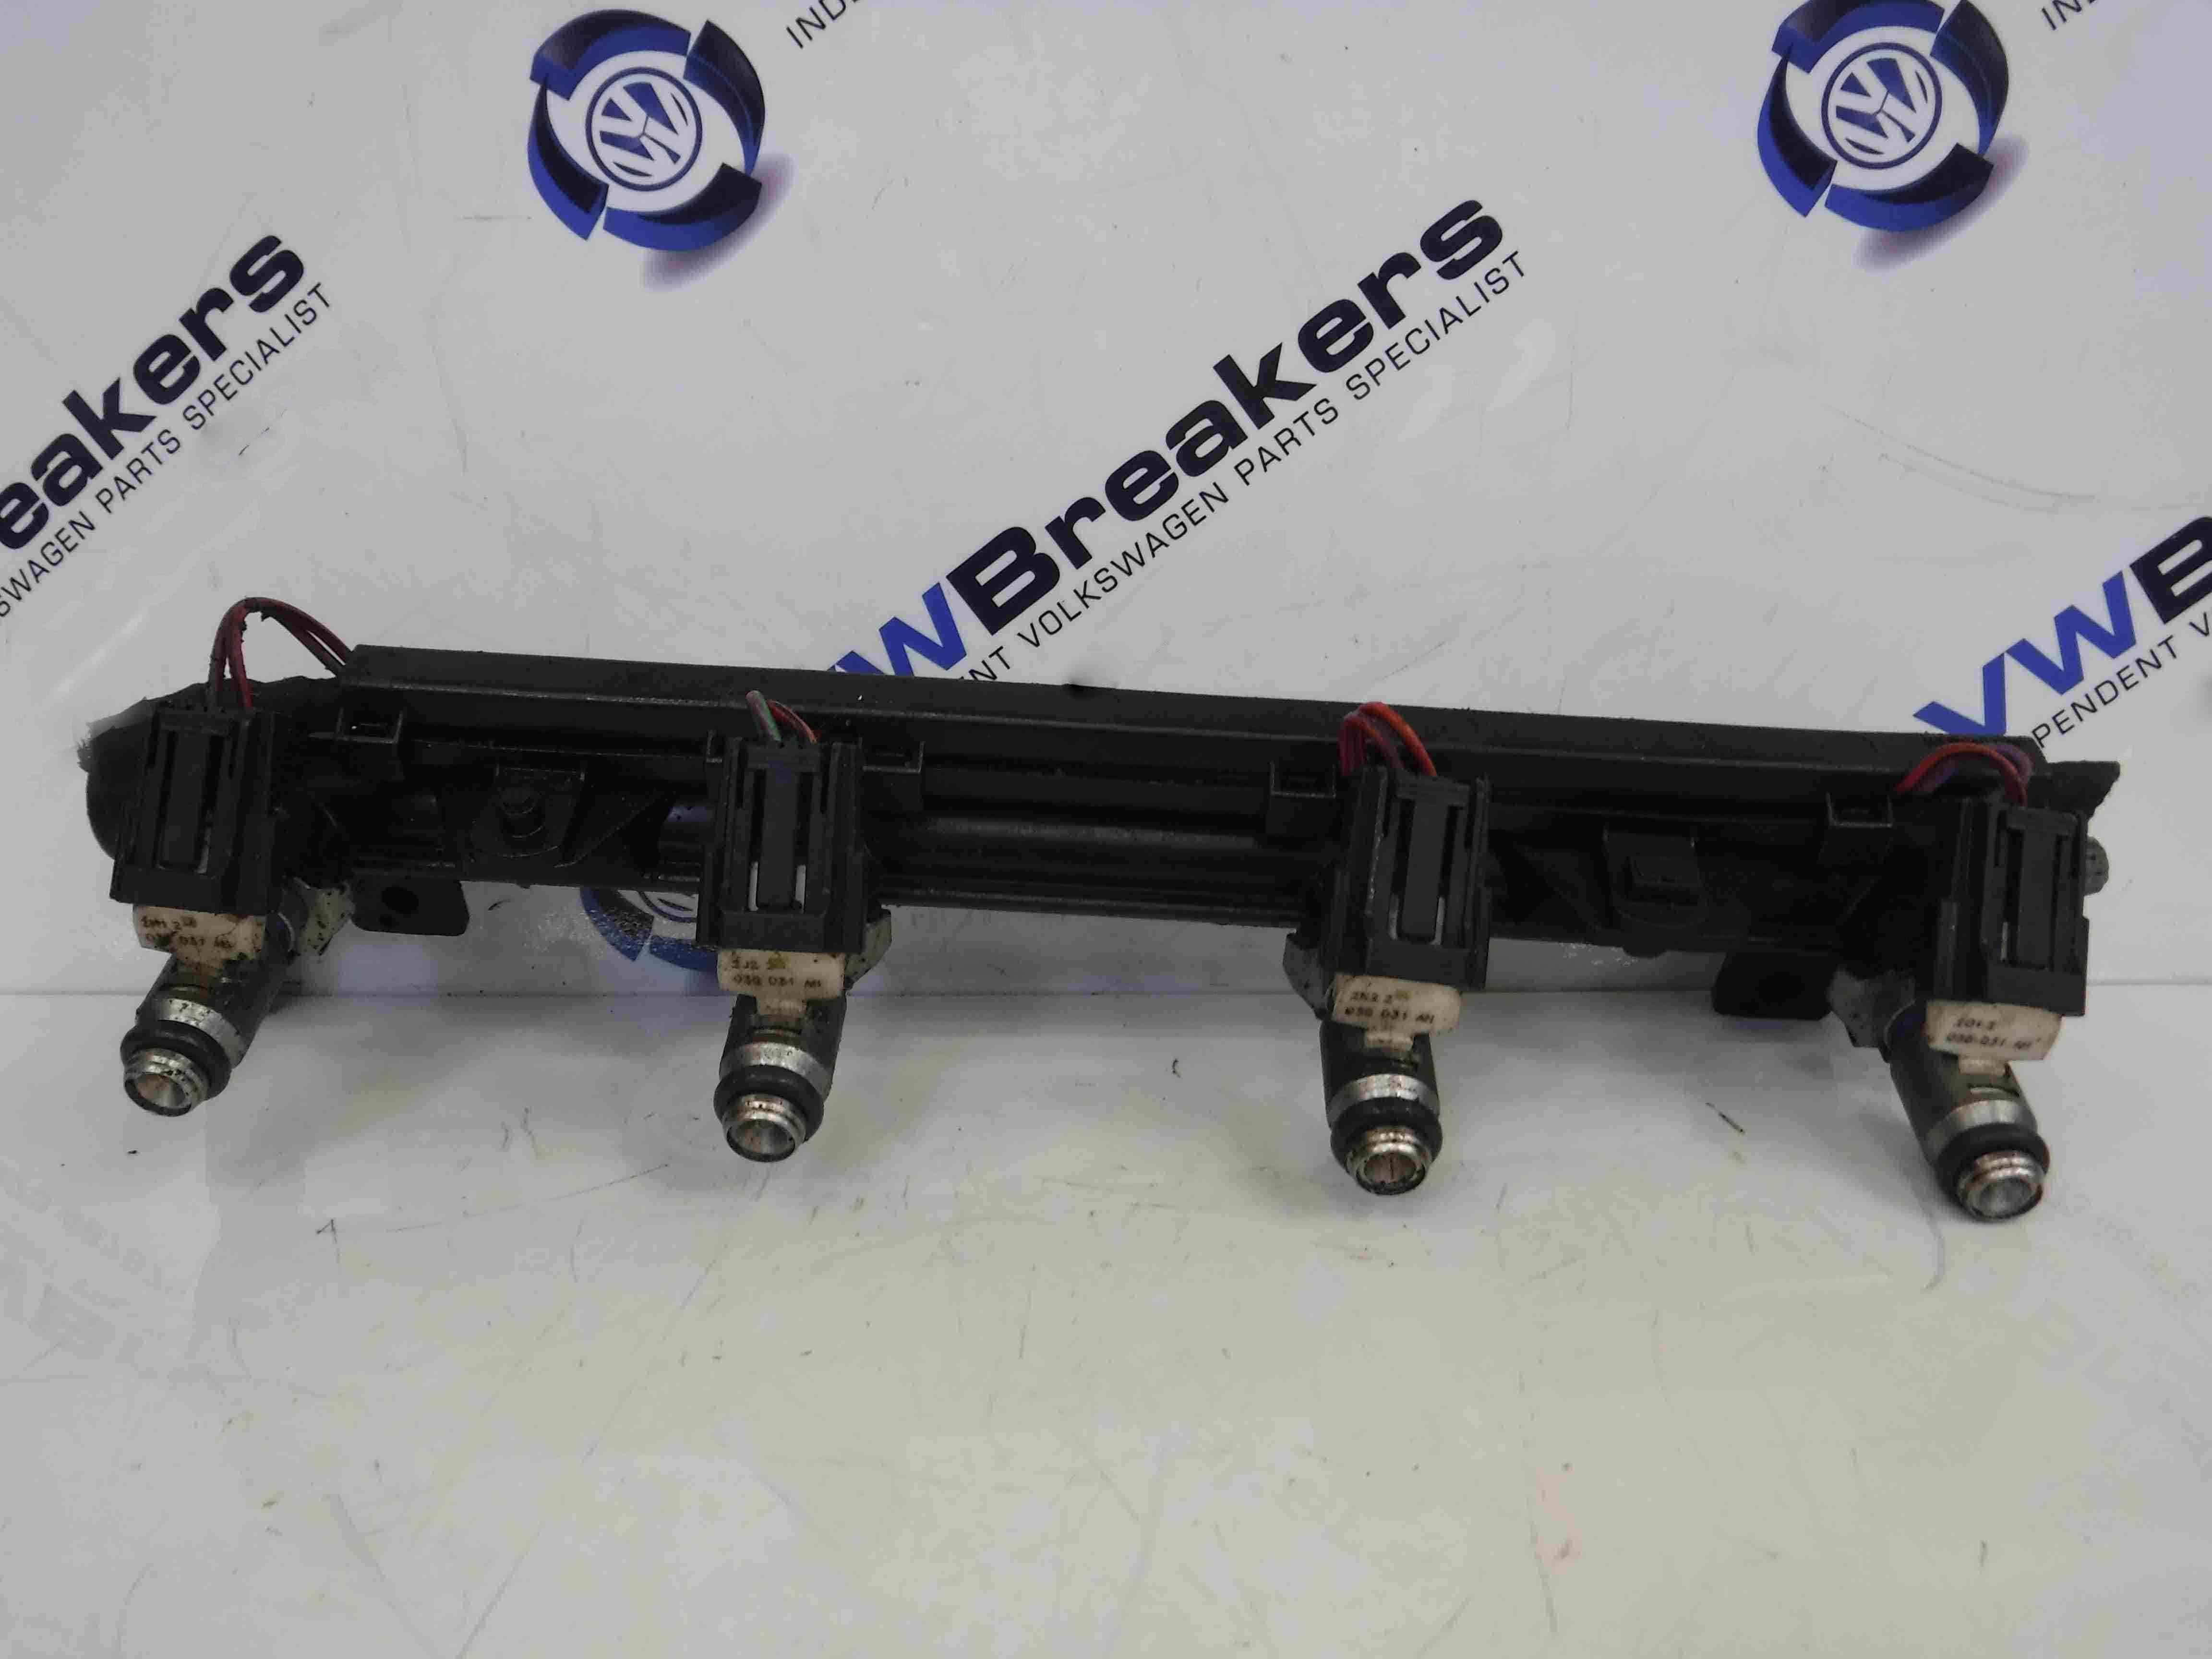 Volkswagen Golf MK6 2009-2012 1.4 16v Fuel Injectors X4 + Rail CGGA cgga